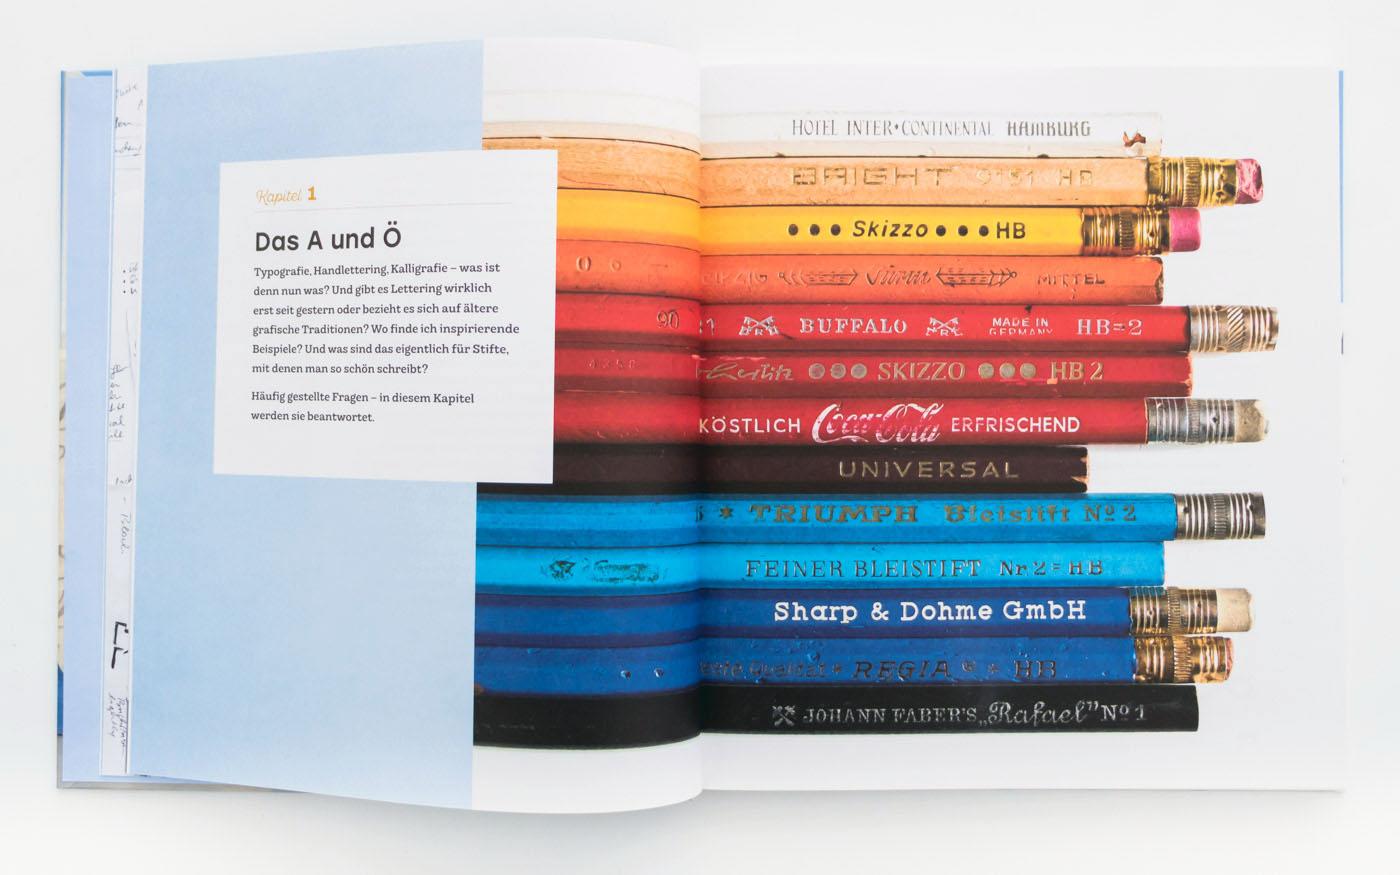 Handbuch Handlettering – Handlettering Buch Empfehlung von Chris Campe, ISBN 978-3-258-60165-6